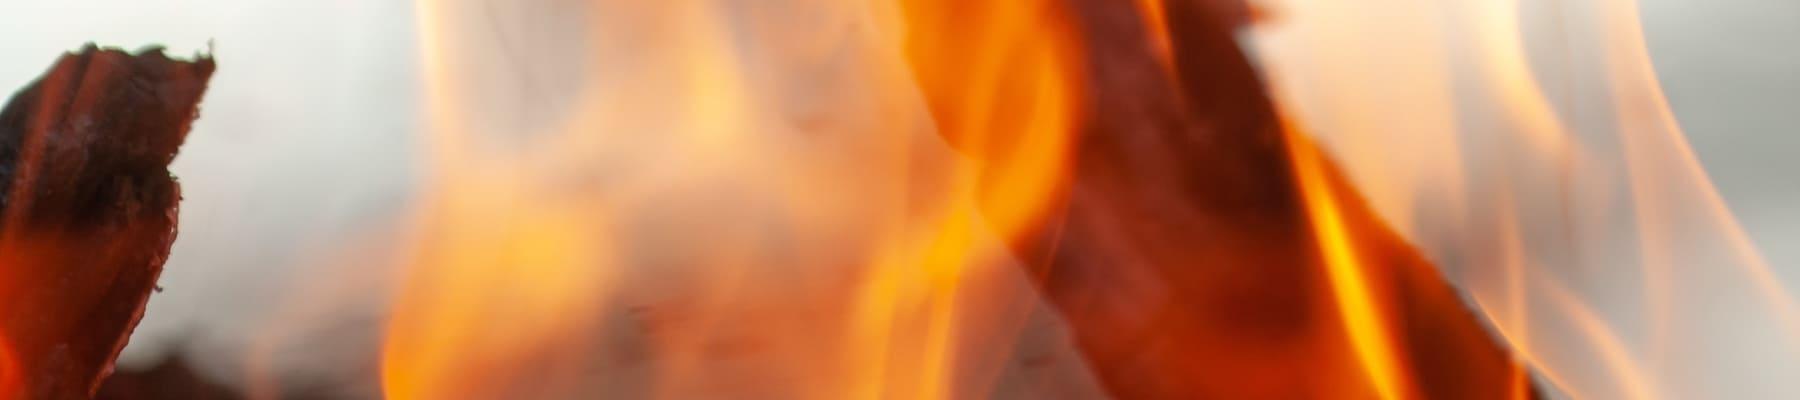 Foto von Flammen